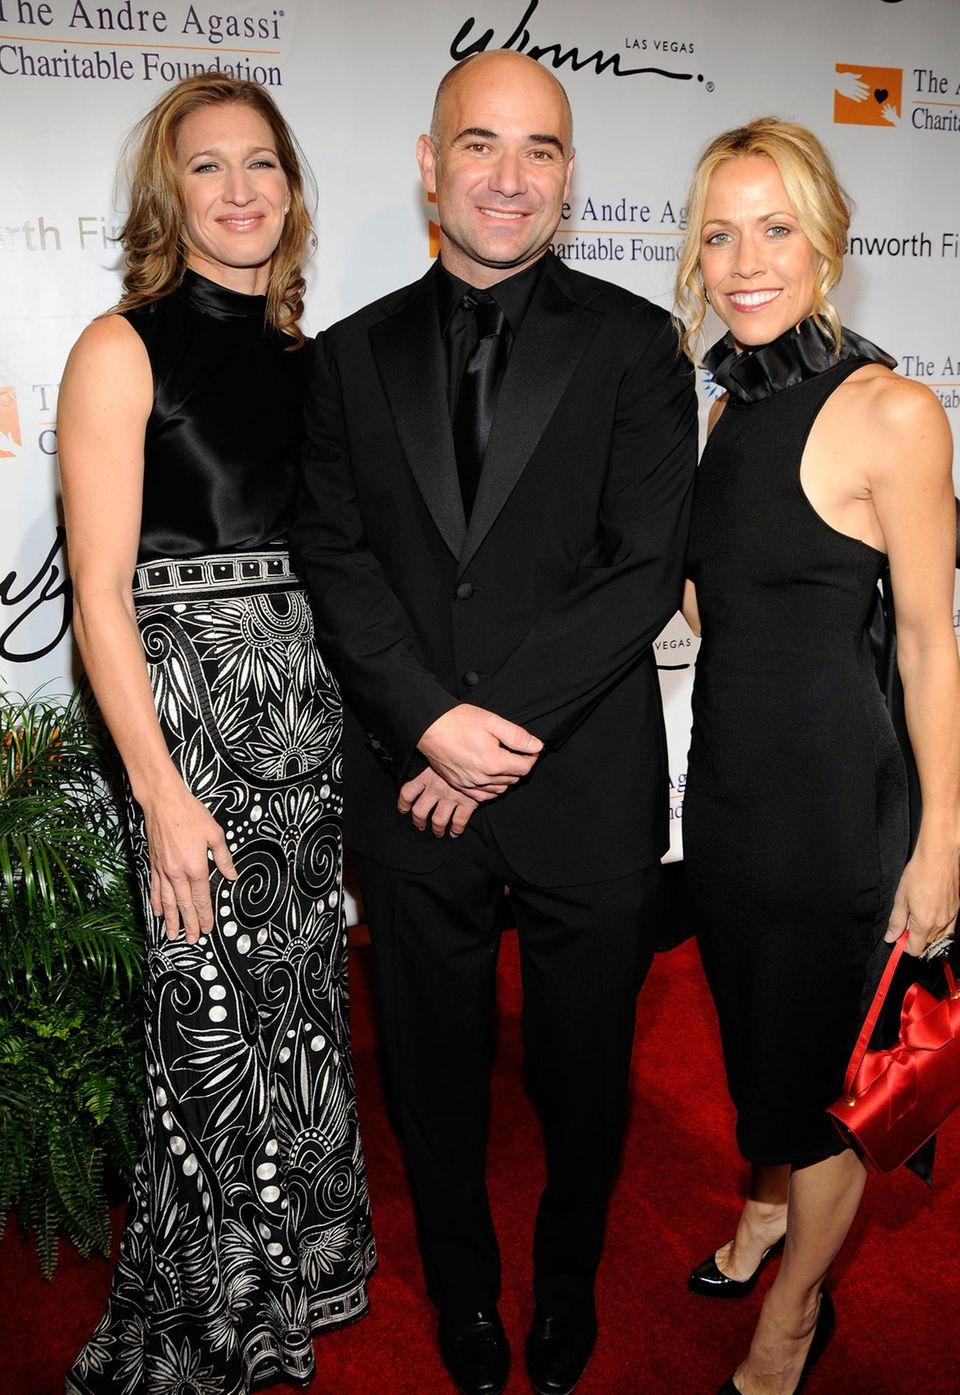 11. Oktober 2008: Steffi Graf, Andre Agassi und die Sängerin Sheryl Crow treffen in Las Vegas auf einem Charity-Konzert zusammen